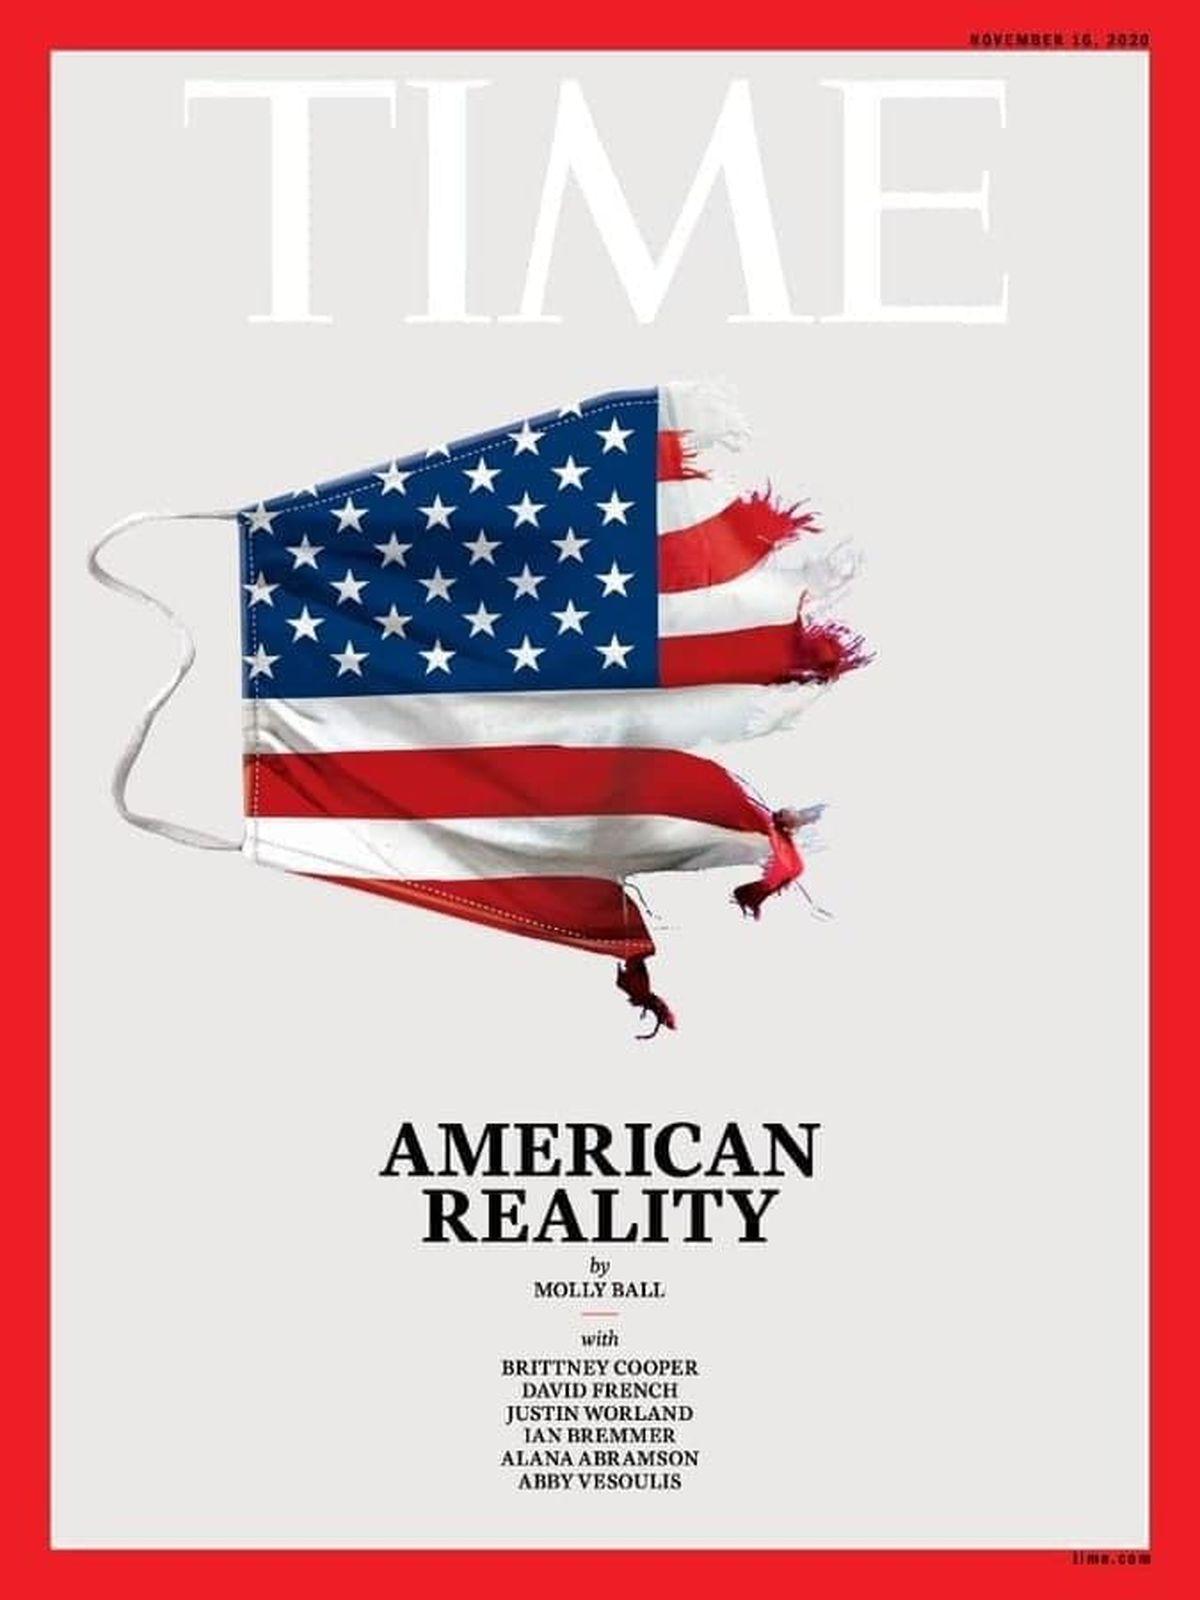 واقعیت آمریکایی تیتر جلد نشریه تایم شد +عکس